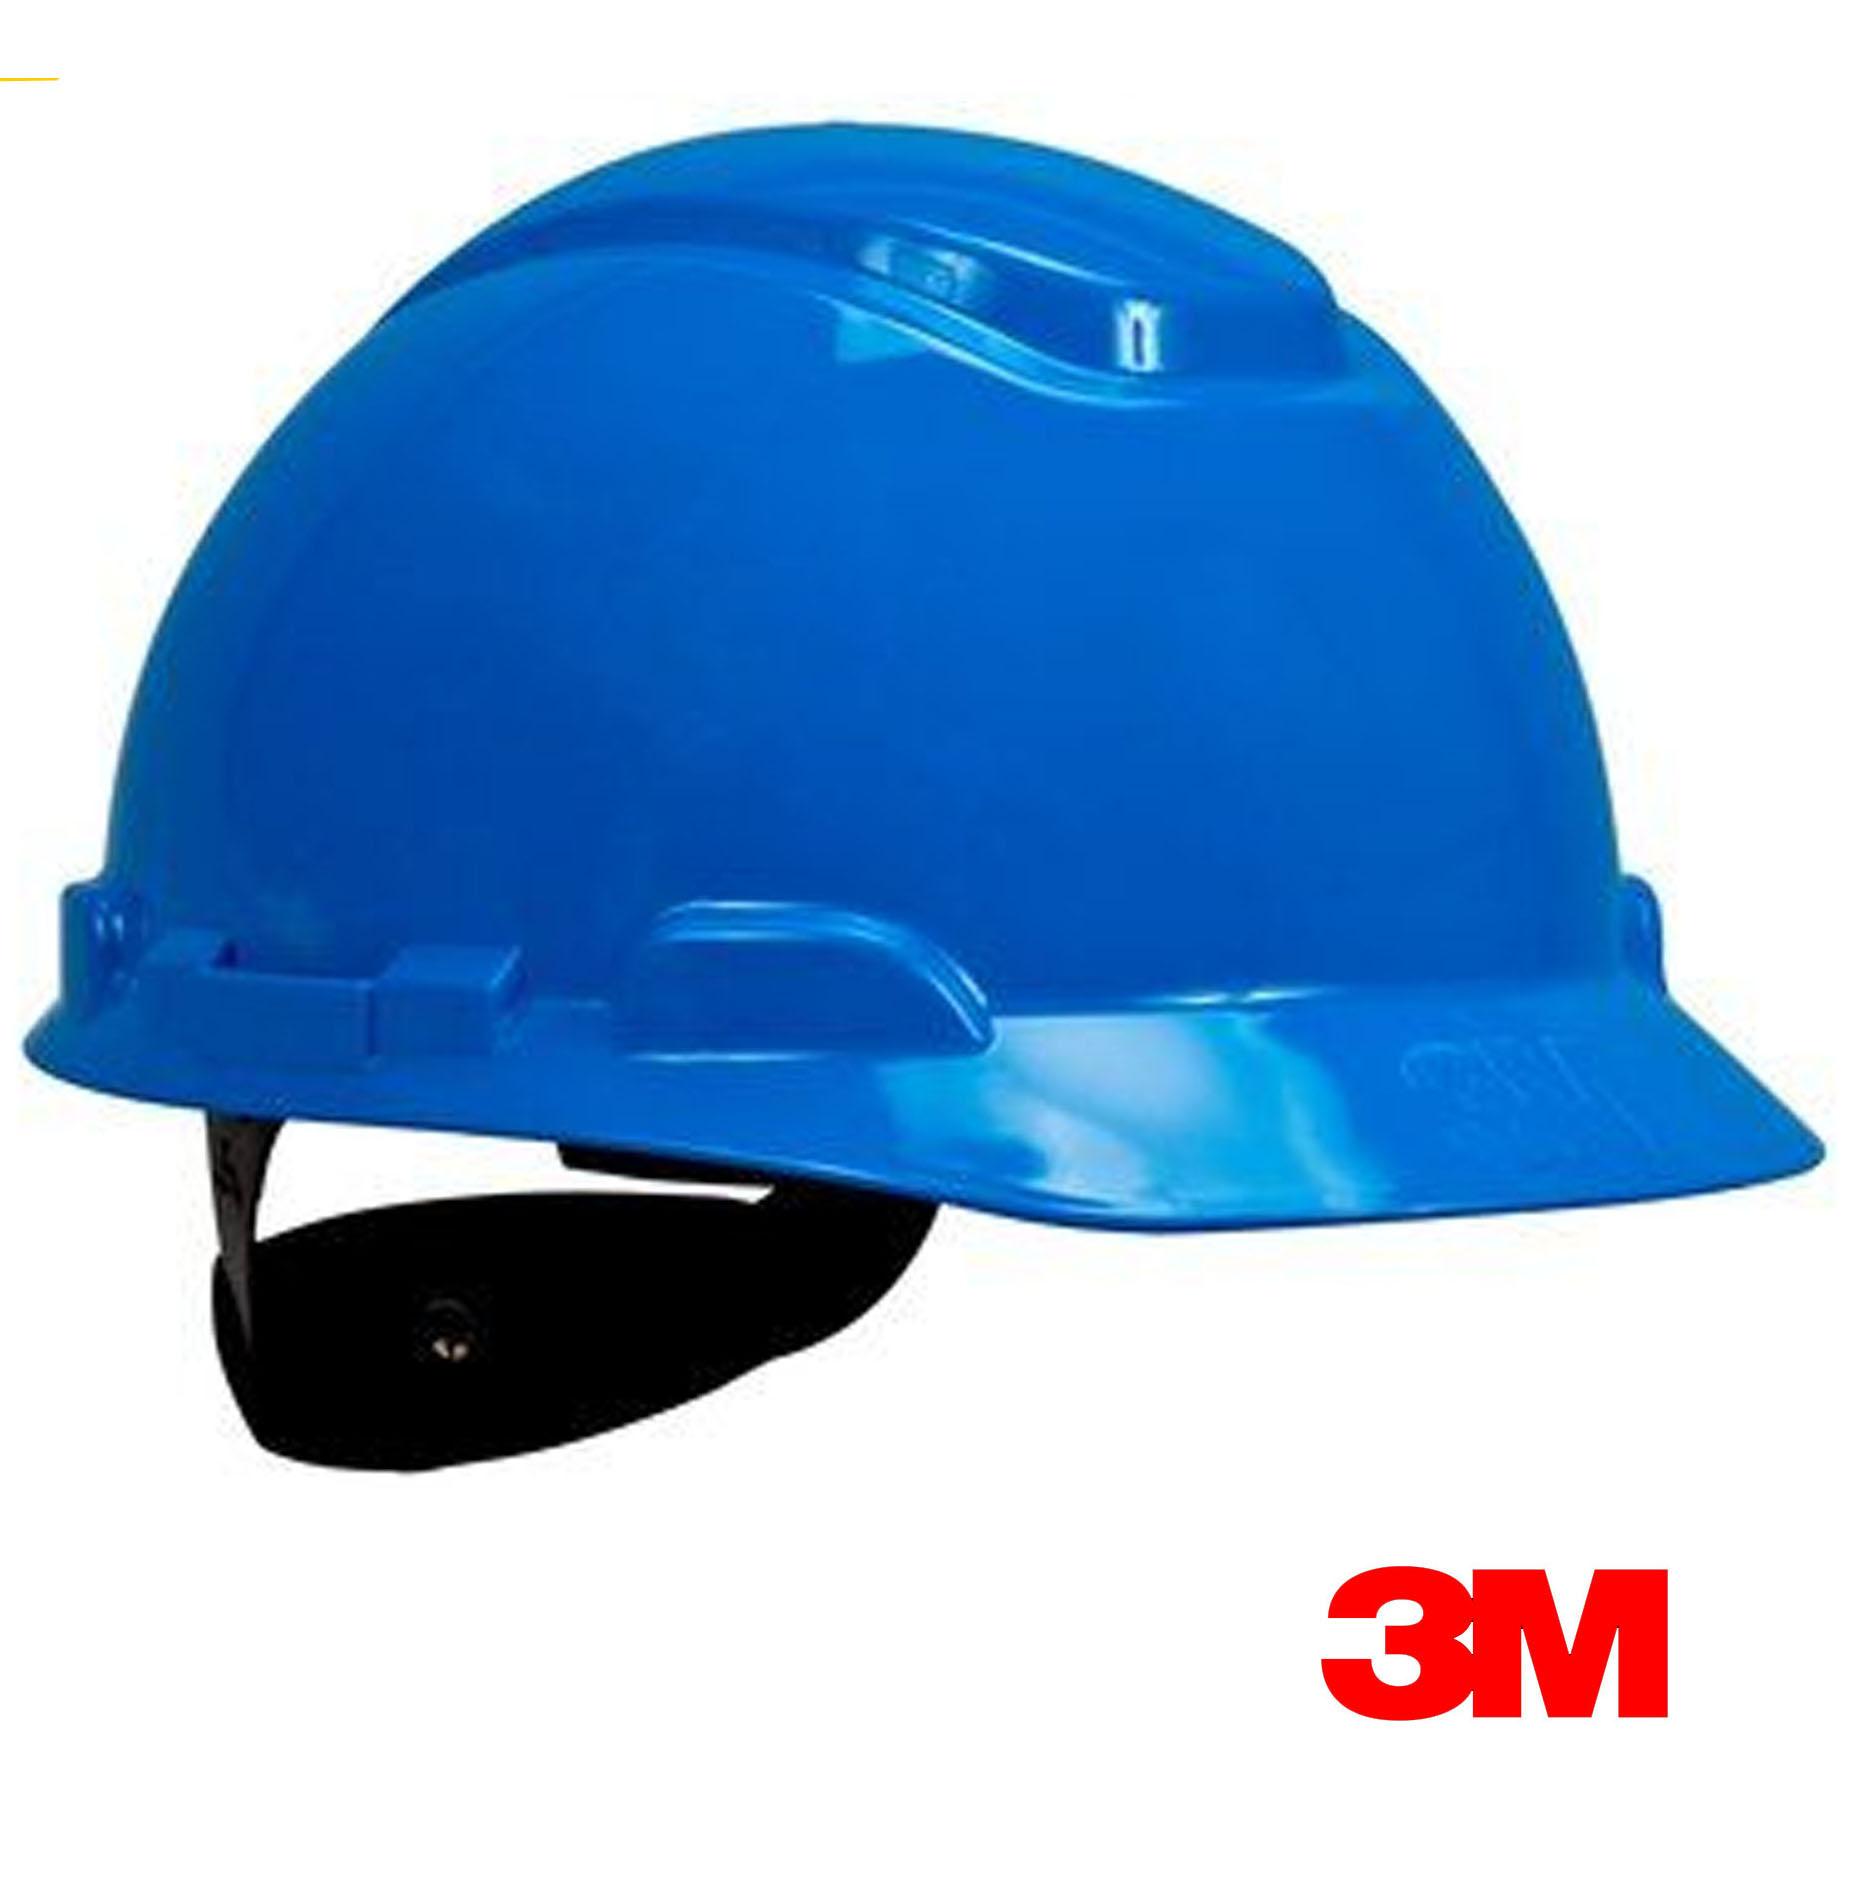 Casco de seguridad 3M Azul Con Rachet